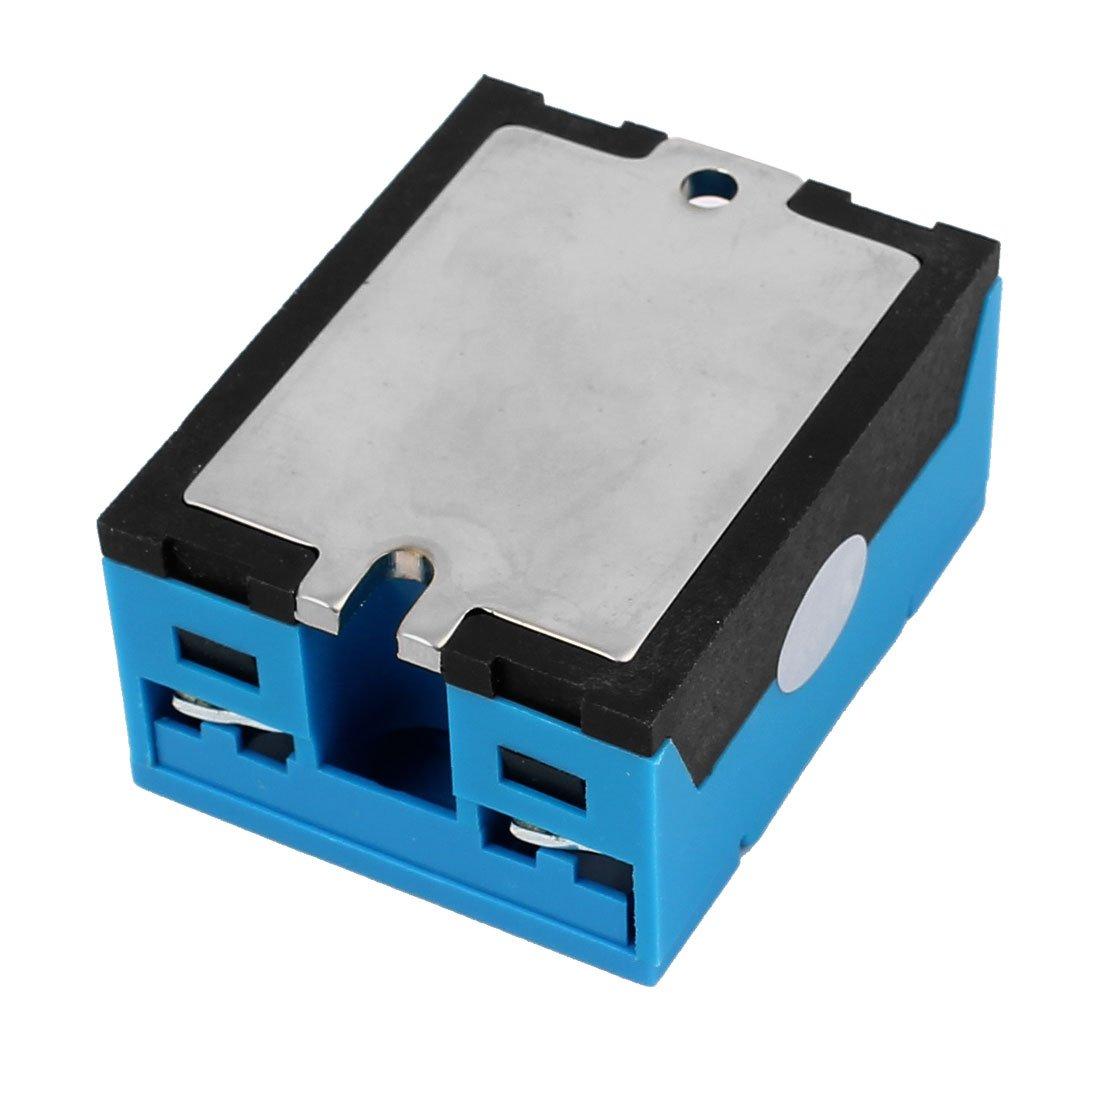 Bem 14840da 3 32v Dc To 24 480v Ac 40a Output Single Solid State Relay Medium Power Phase Acsolid Ssr Home Improvement